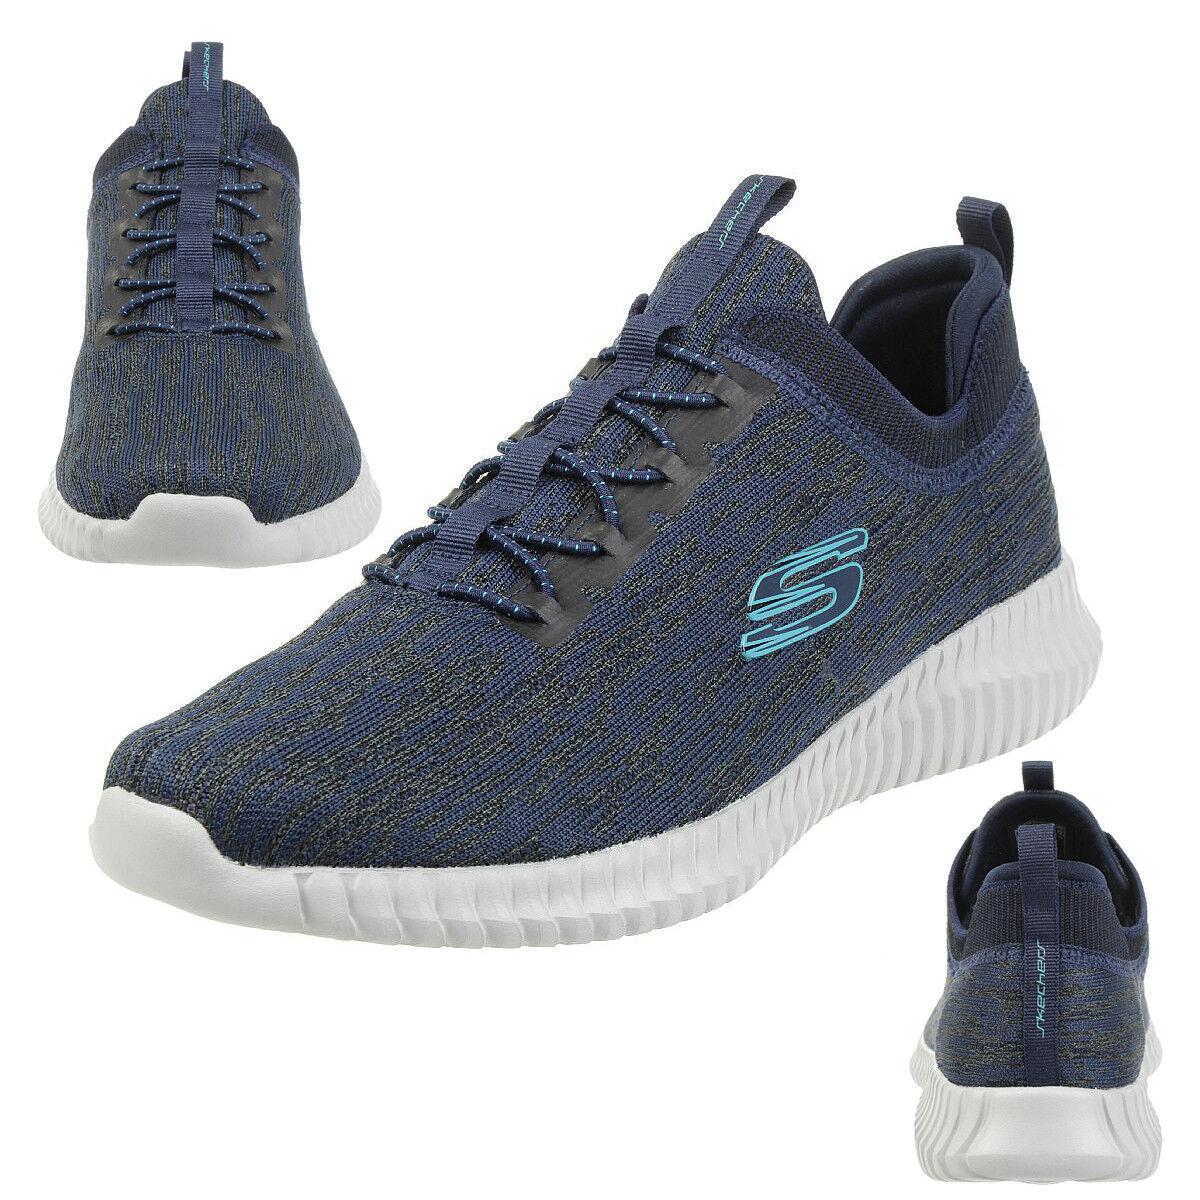 Skechers Elite Flex Hartnell Herren Sneaker Fitness Schuhe NVBL